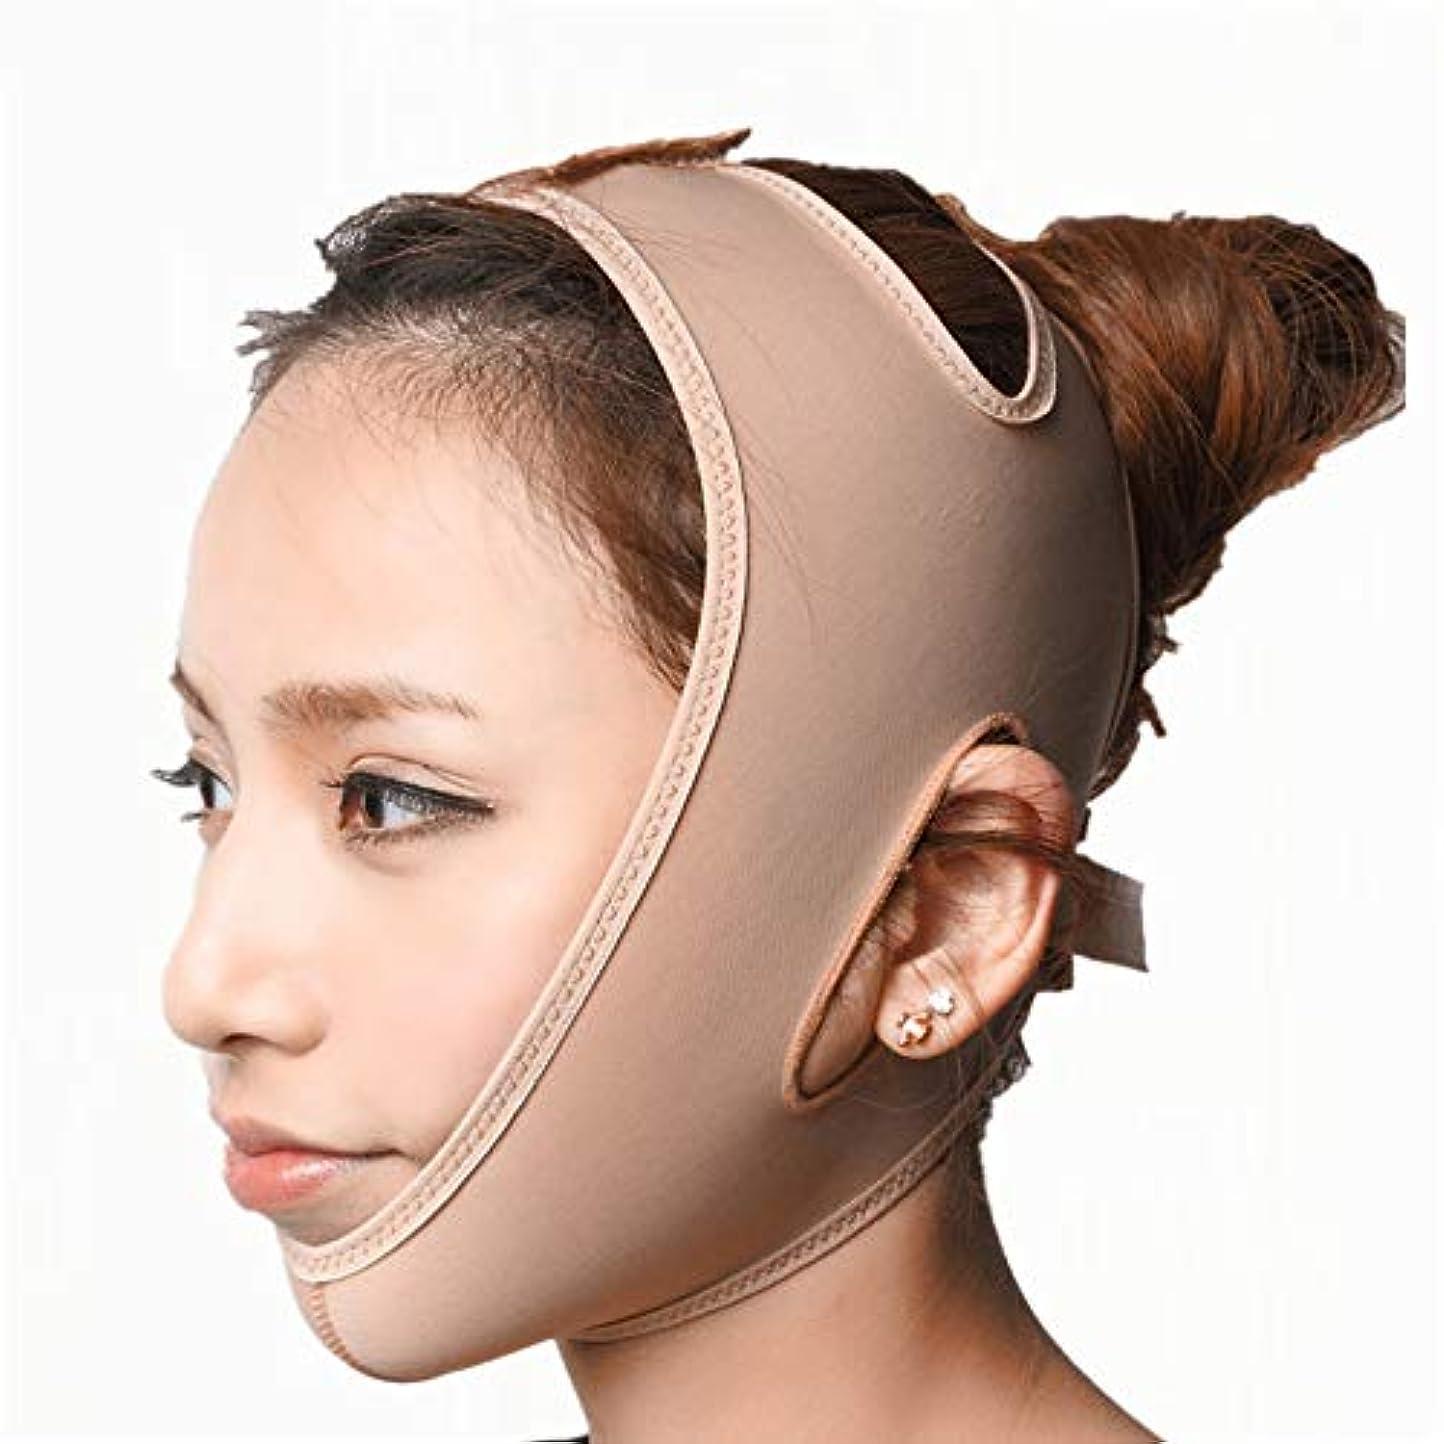 承認吸収するビームJia Jia- 顔の持ち上がる痩身ベルト - アンチエイジングリンクルフェイスマスクベルトシンフェイス包帯整形マスクは顔と首を締めますフェイススリム 顔面包帯 (サイズ さいず : M)